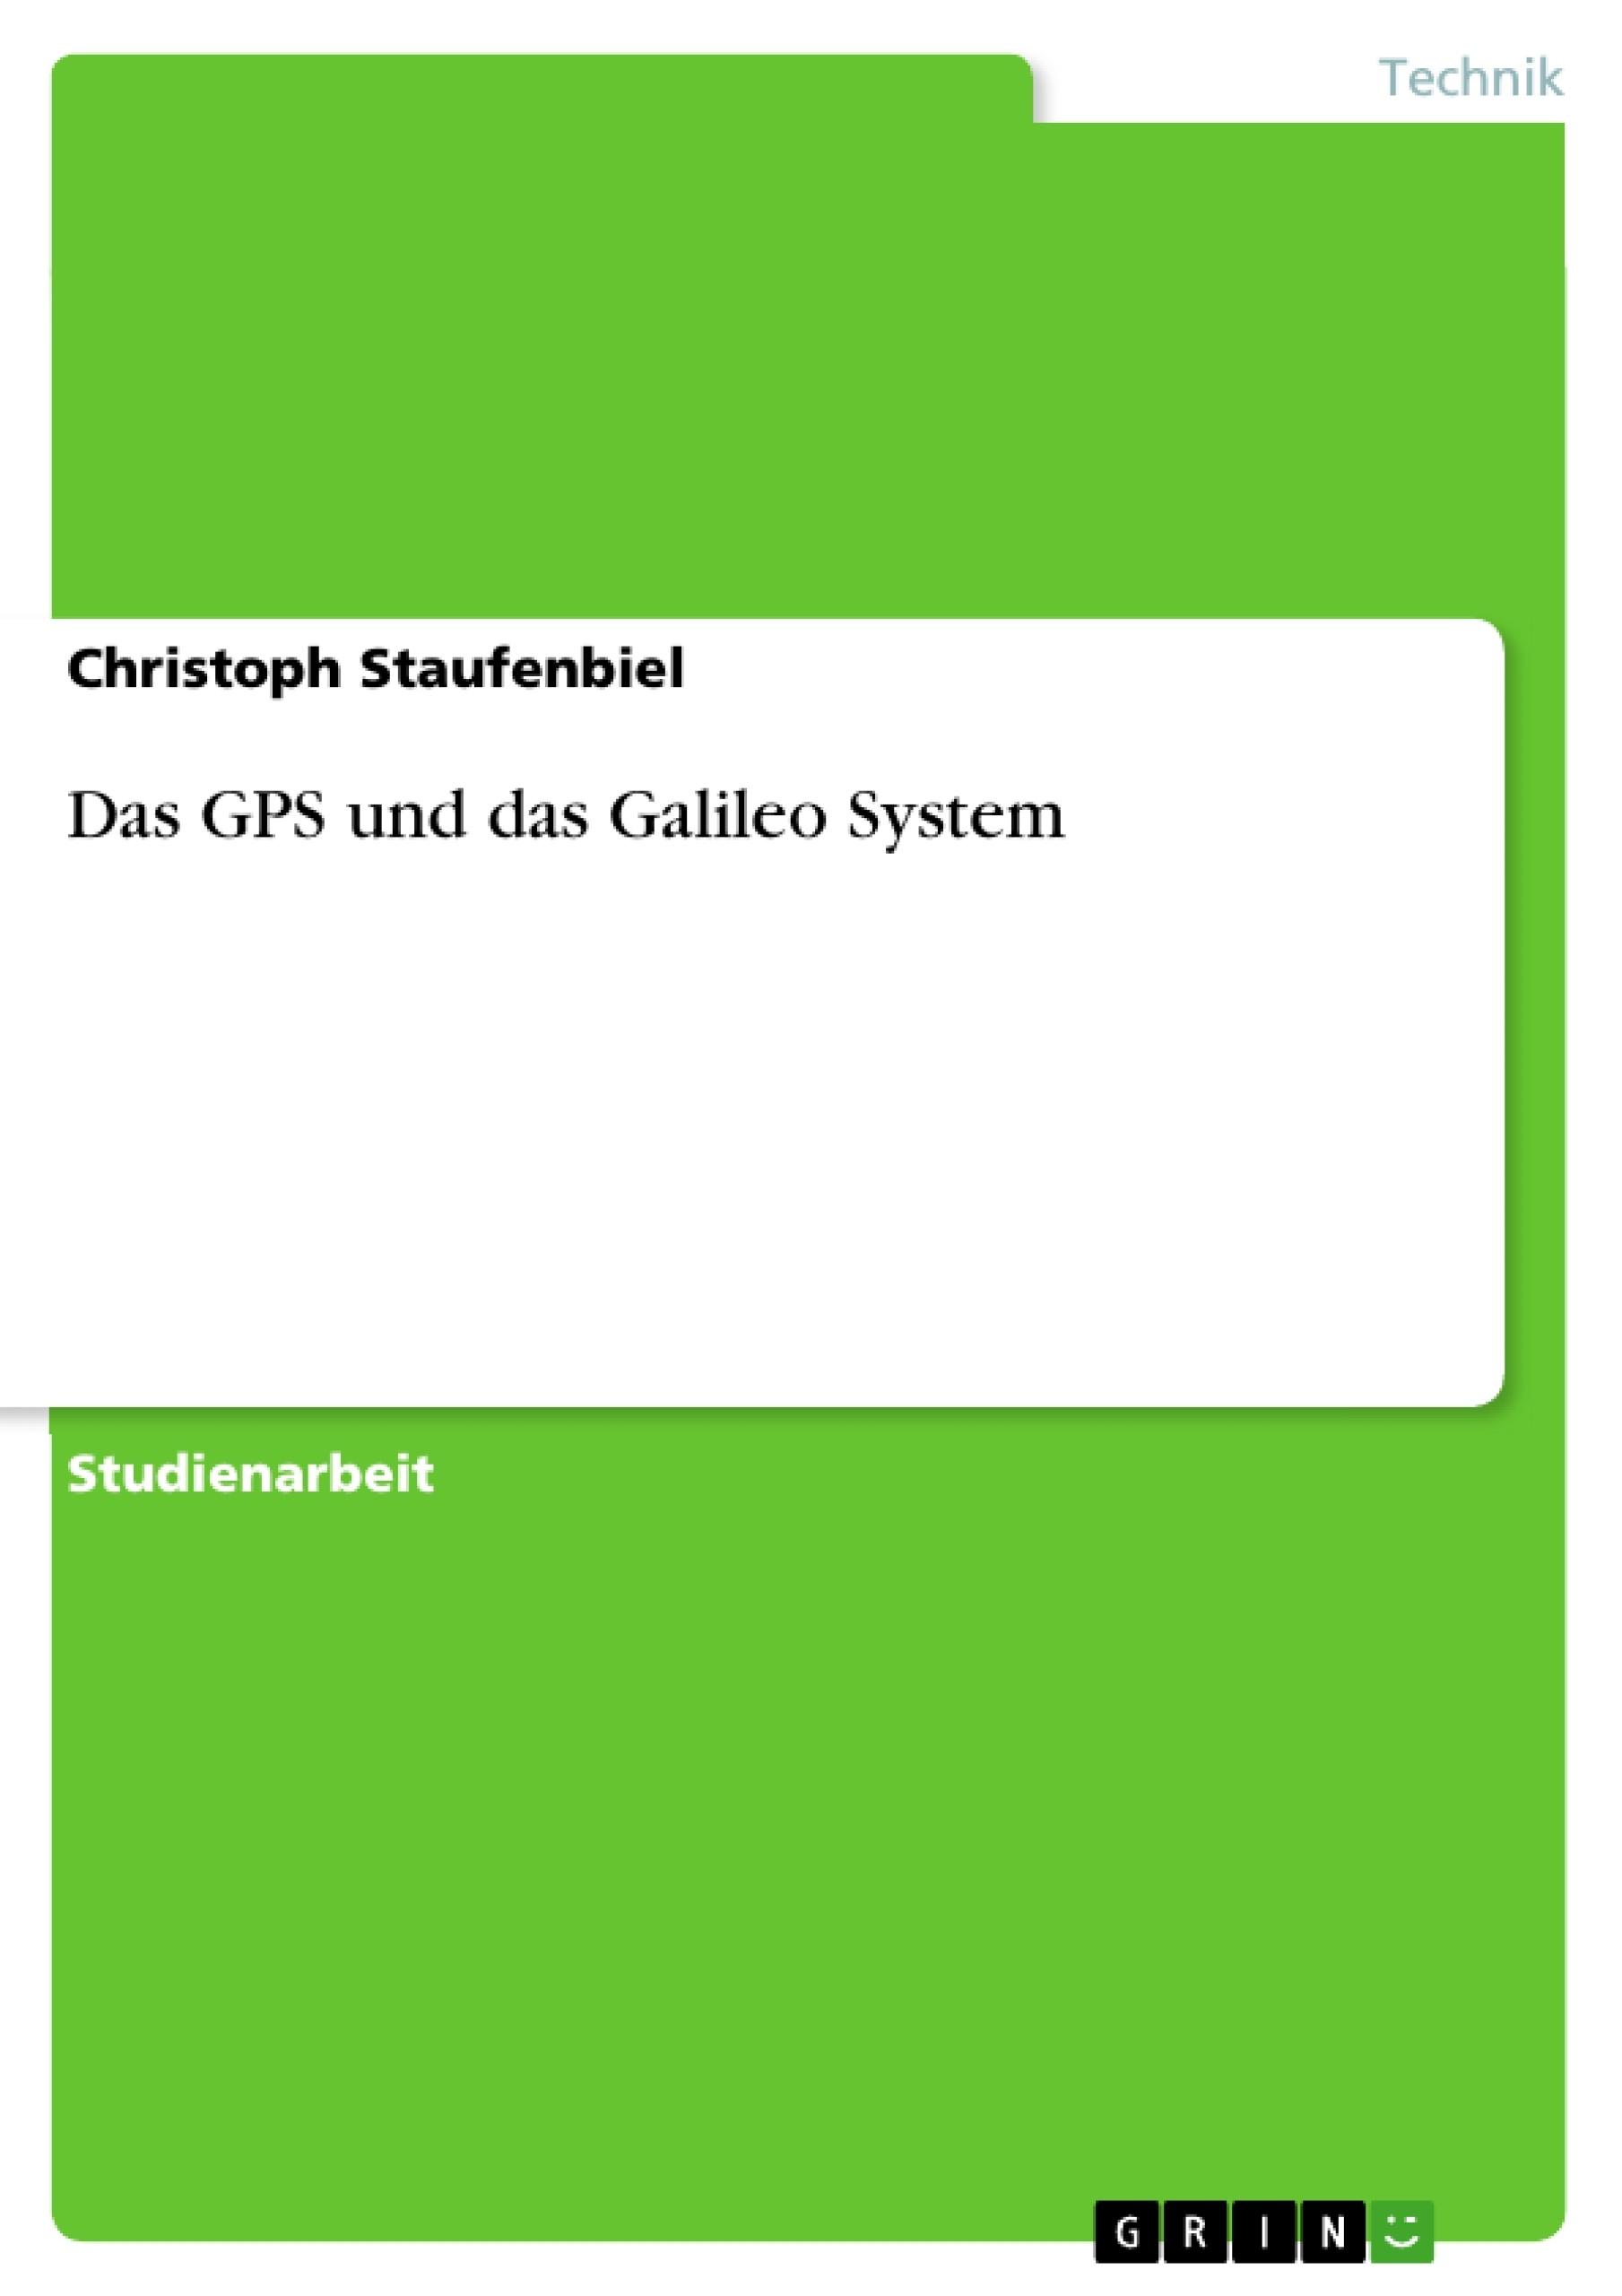 Titel: Das GPS und das Galileo System